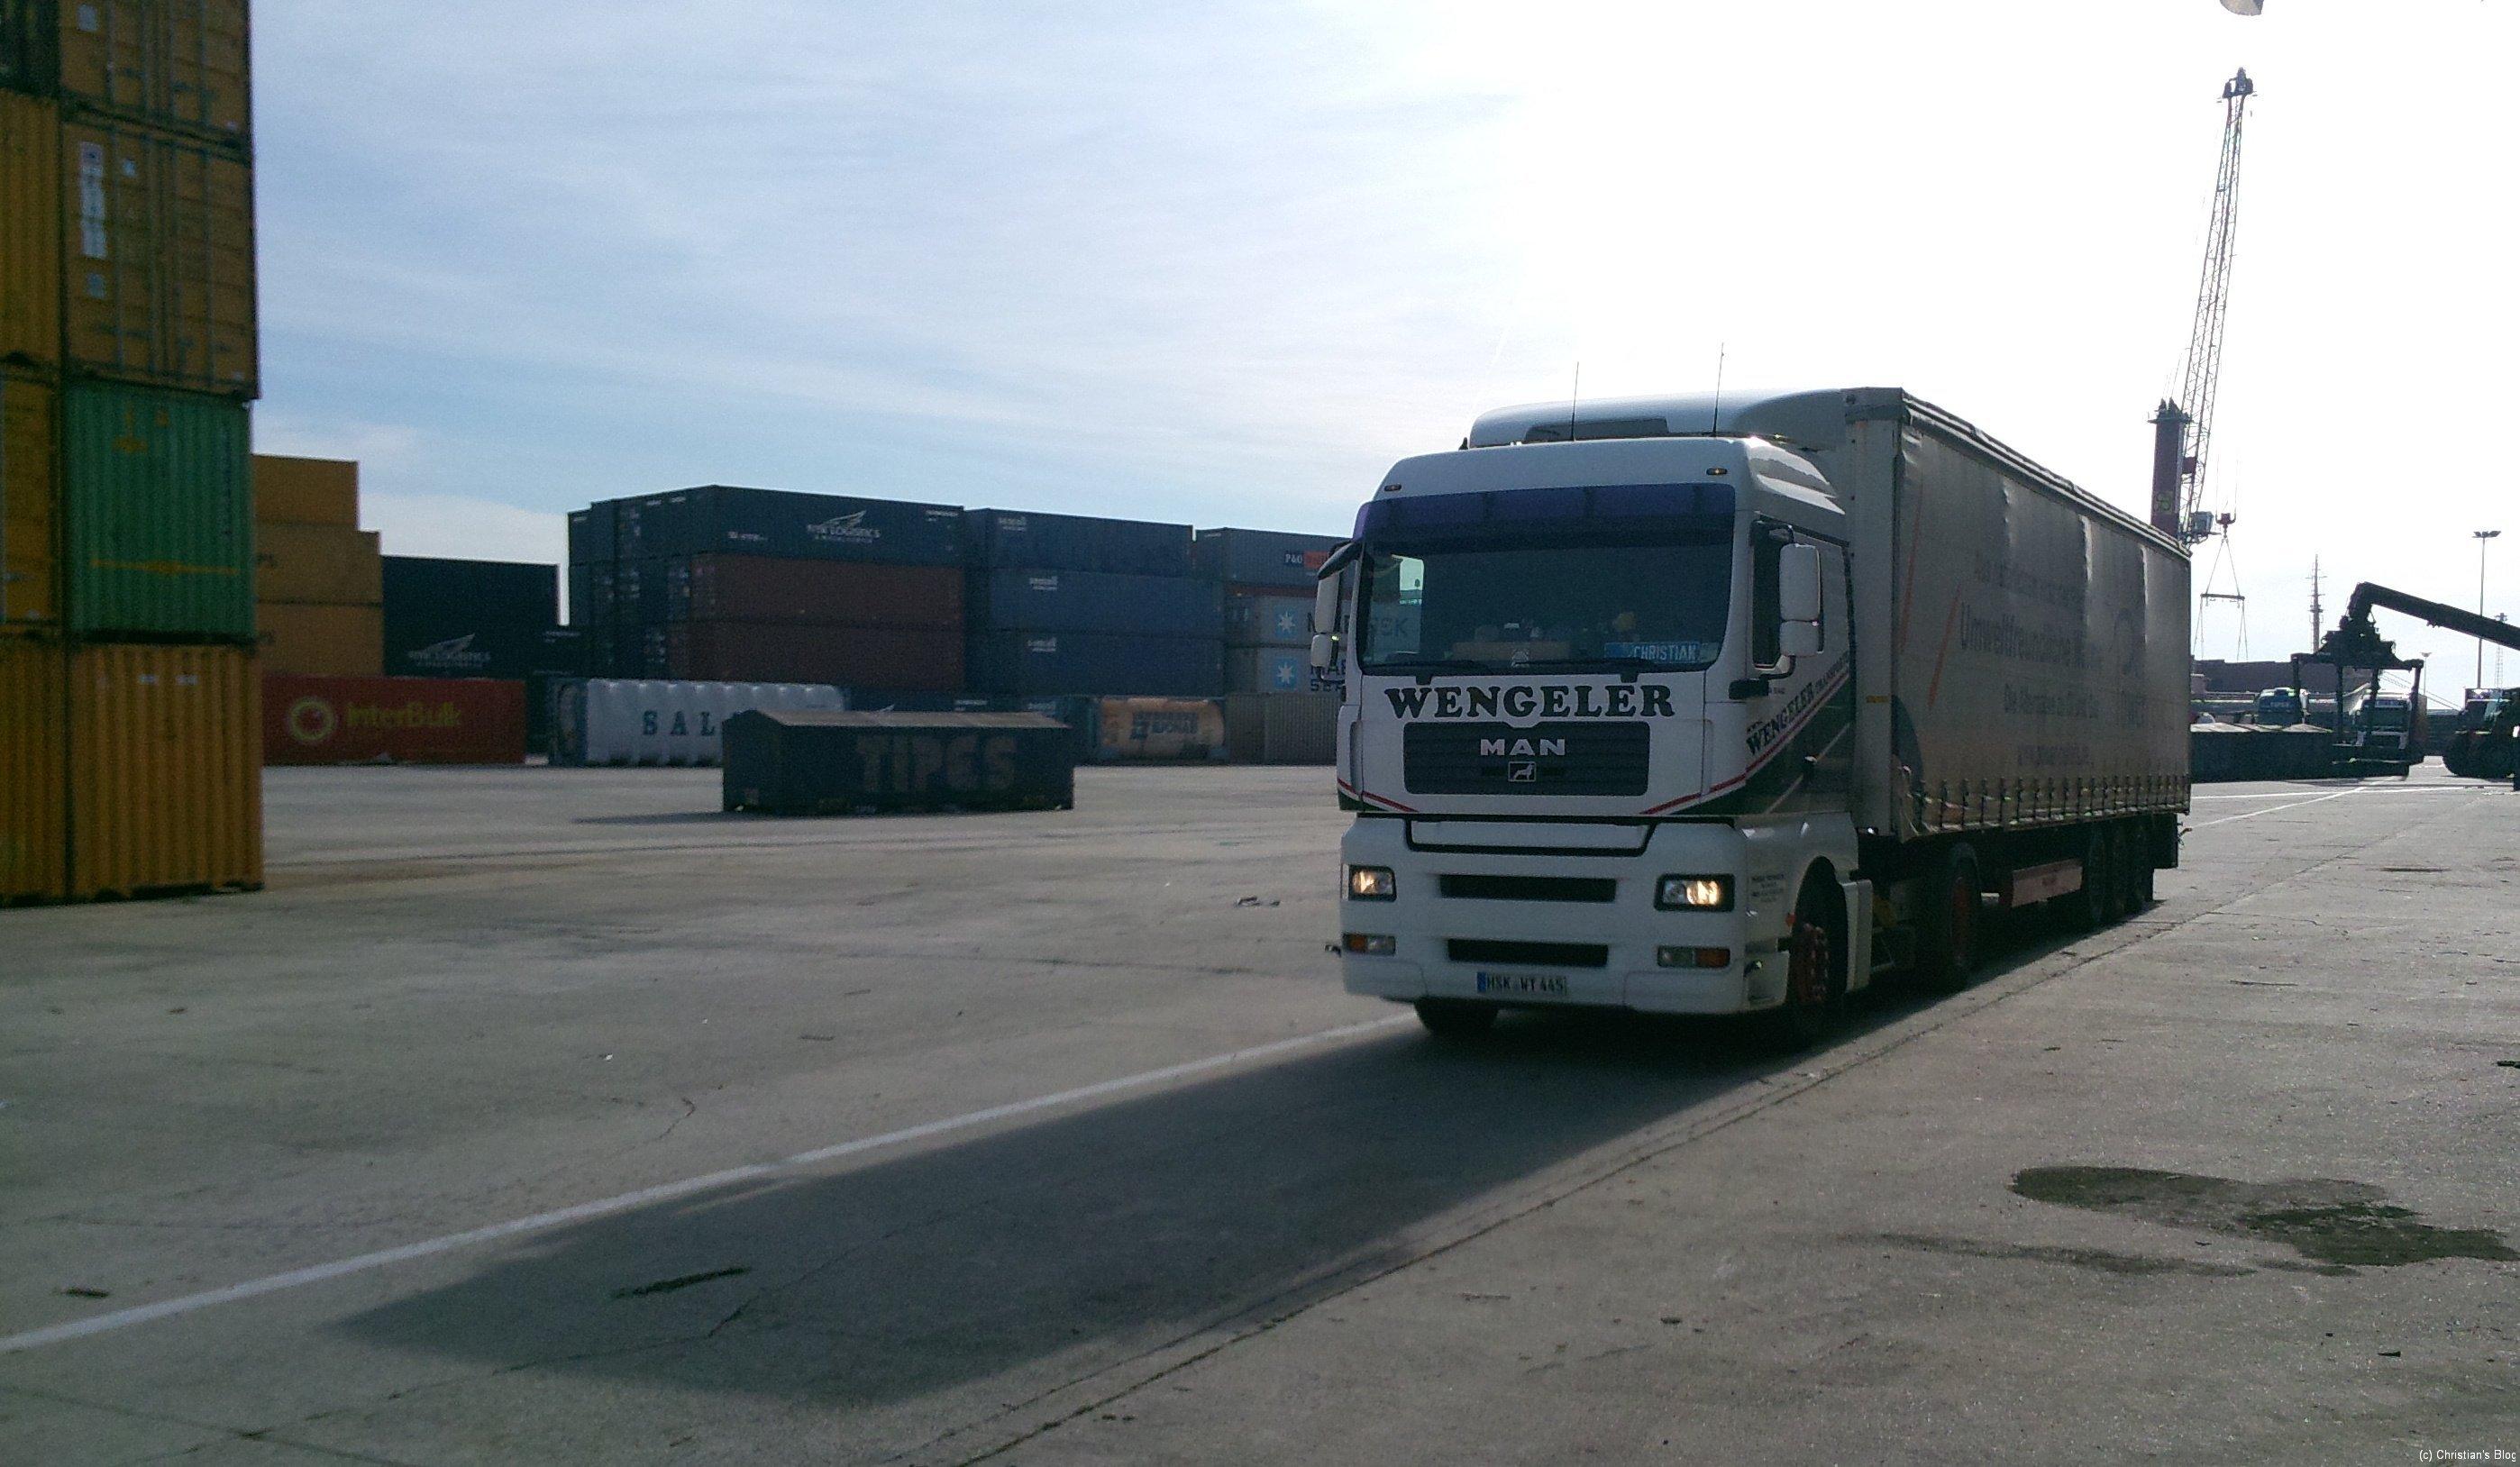 Da stehe ich in Gent im Hafen